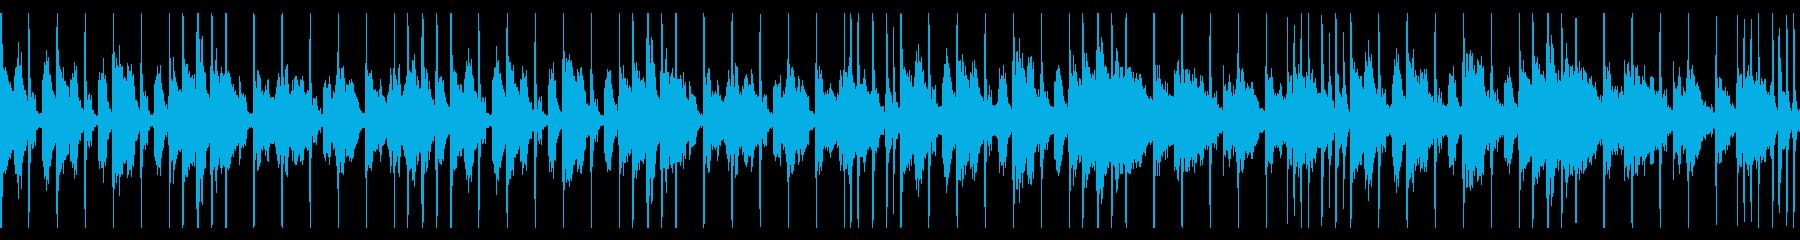 エレクトロ行進曲の再生済みの波形